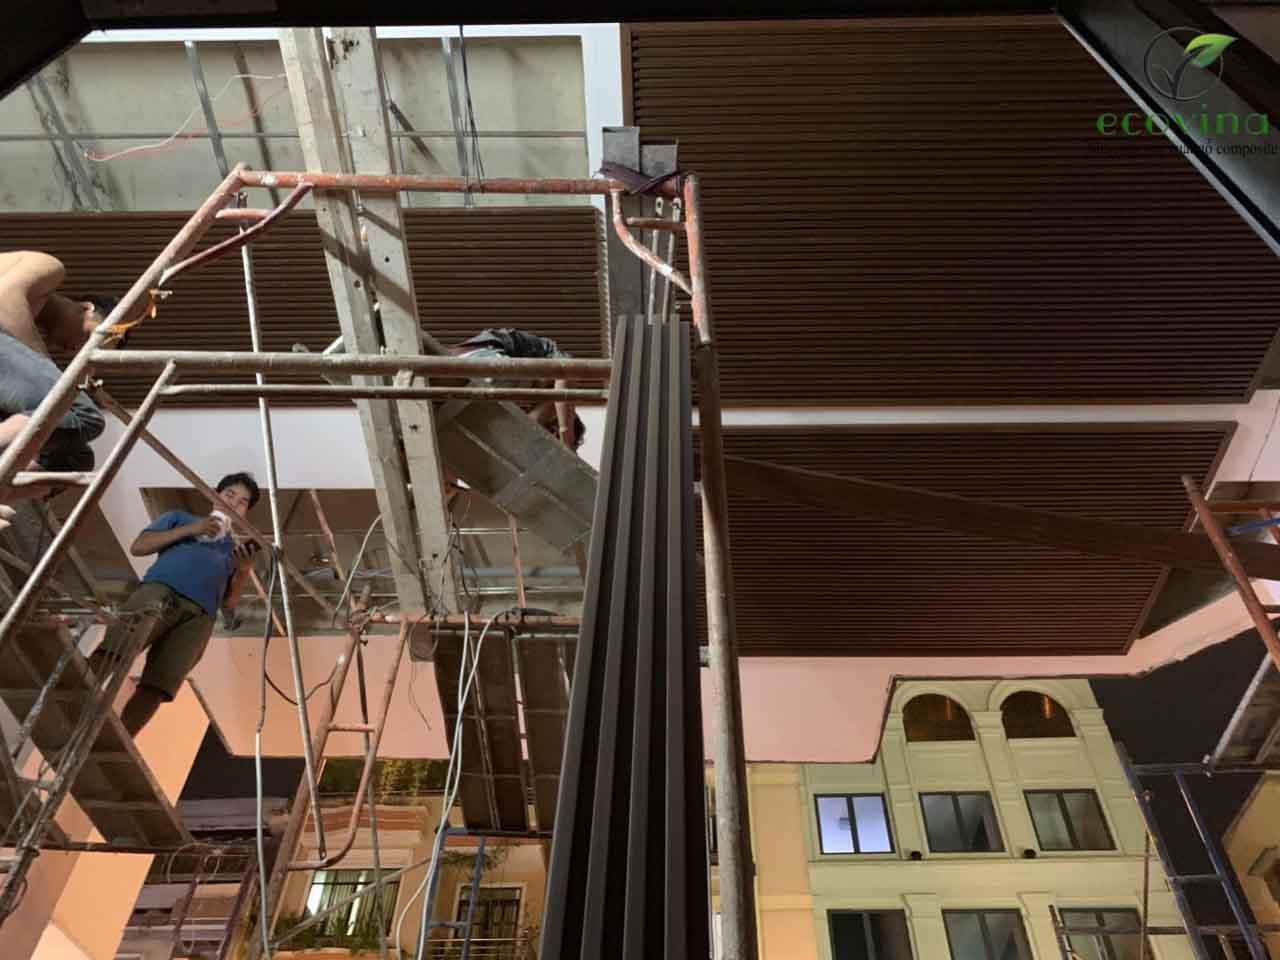 Thi công trần nan gỗ nhựa composite uy tín, an toàn nhanh chóng tại Hà Nội